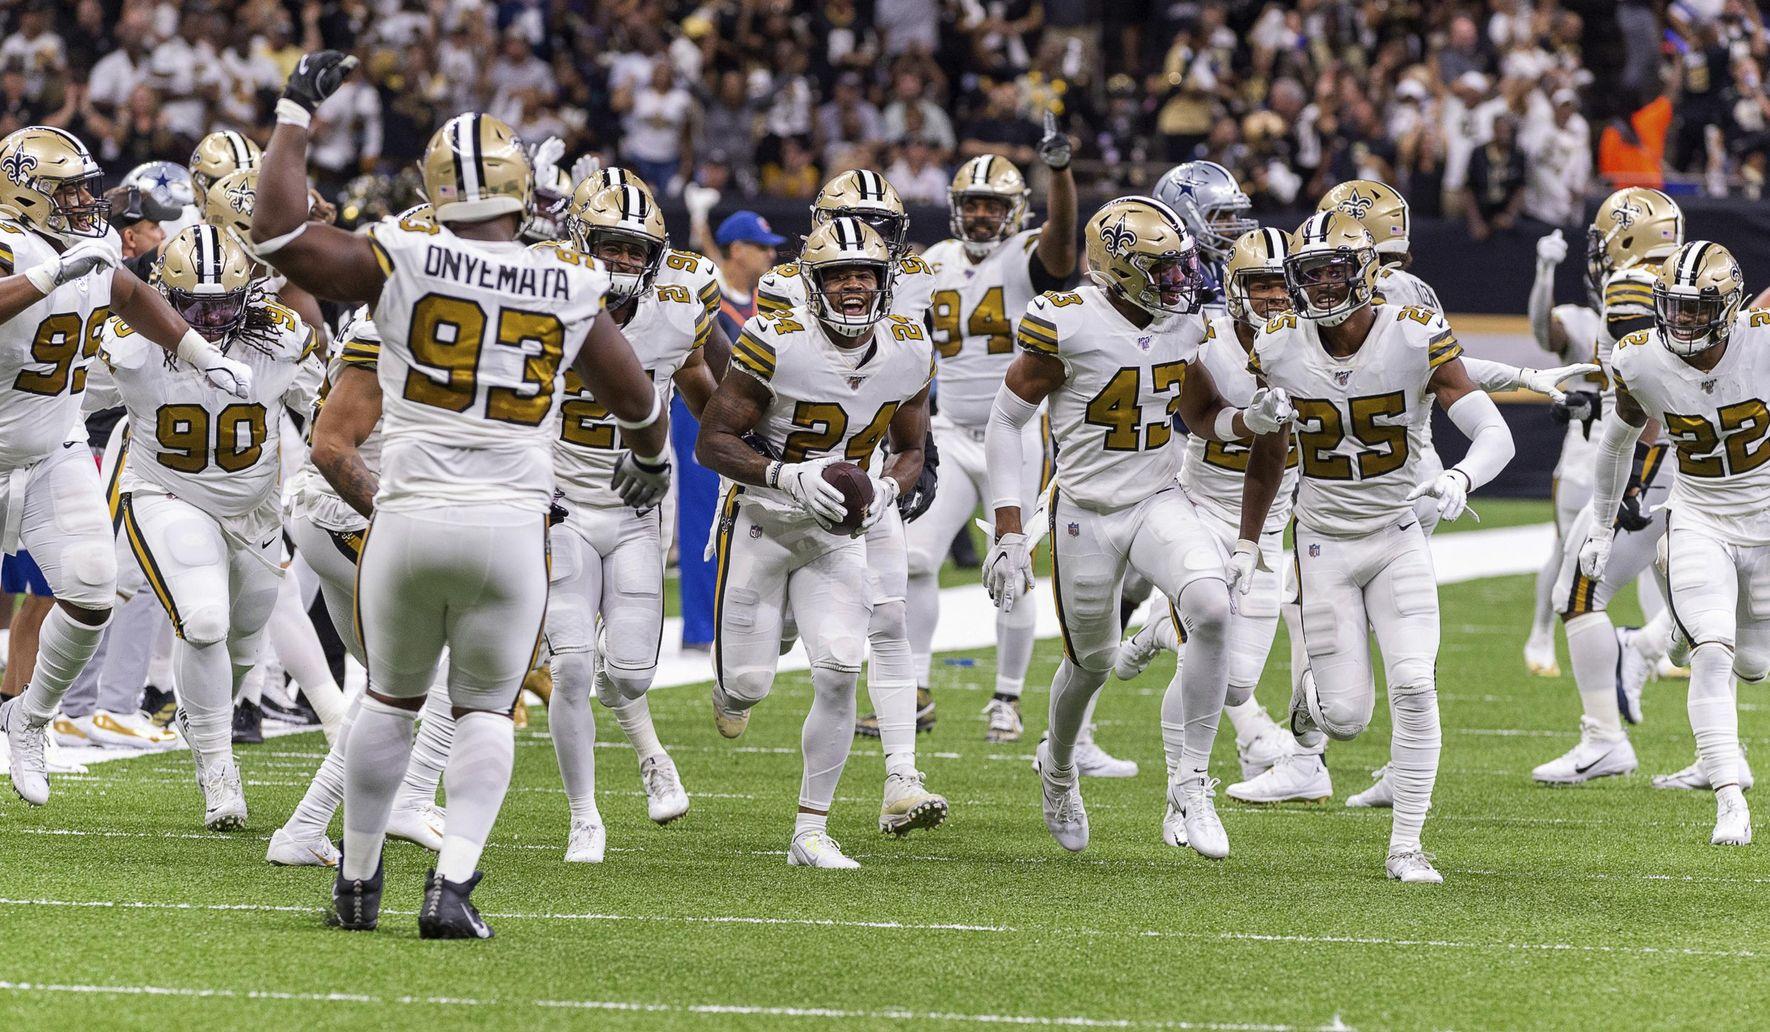 Cowboys_saints_football_46824_c53-0-2977-1705_s1770x1032